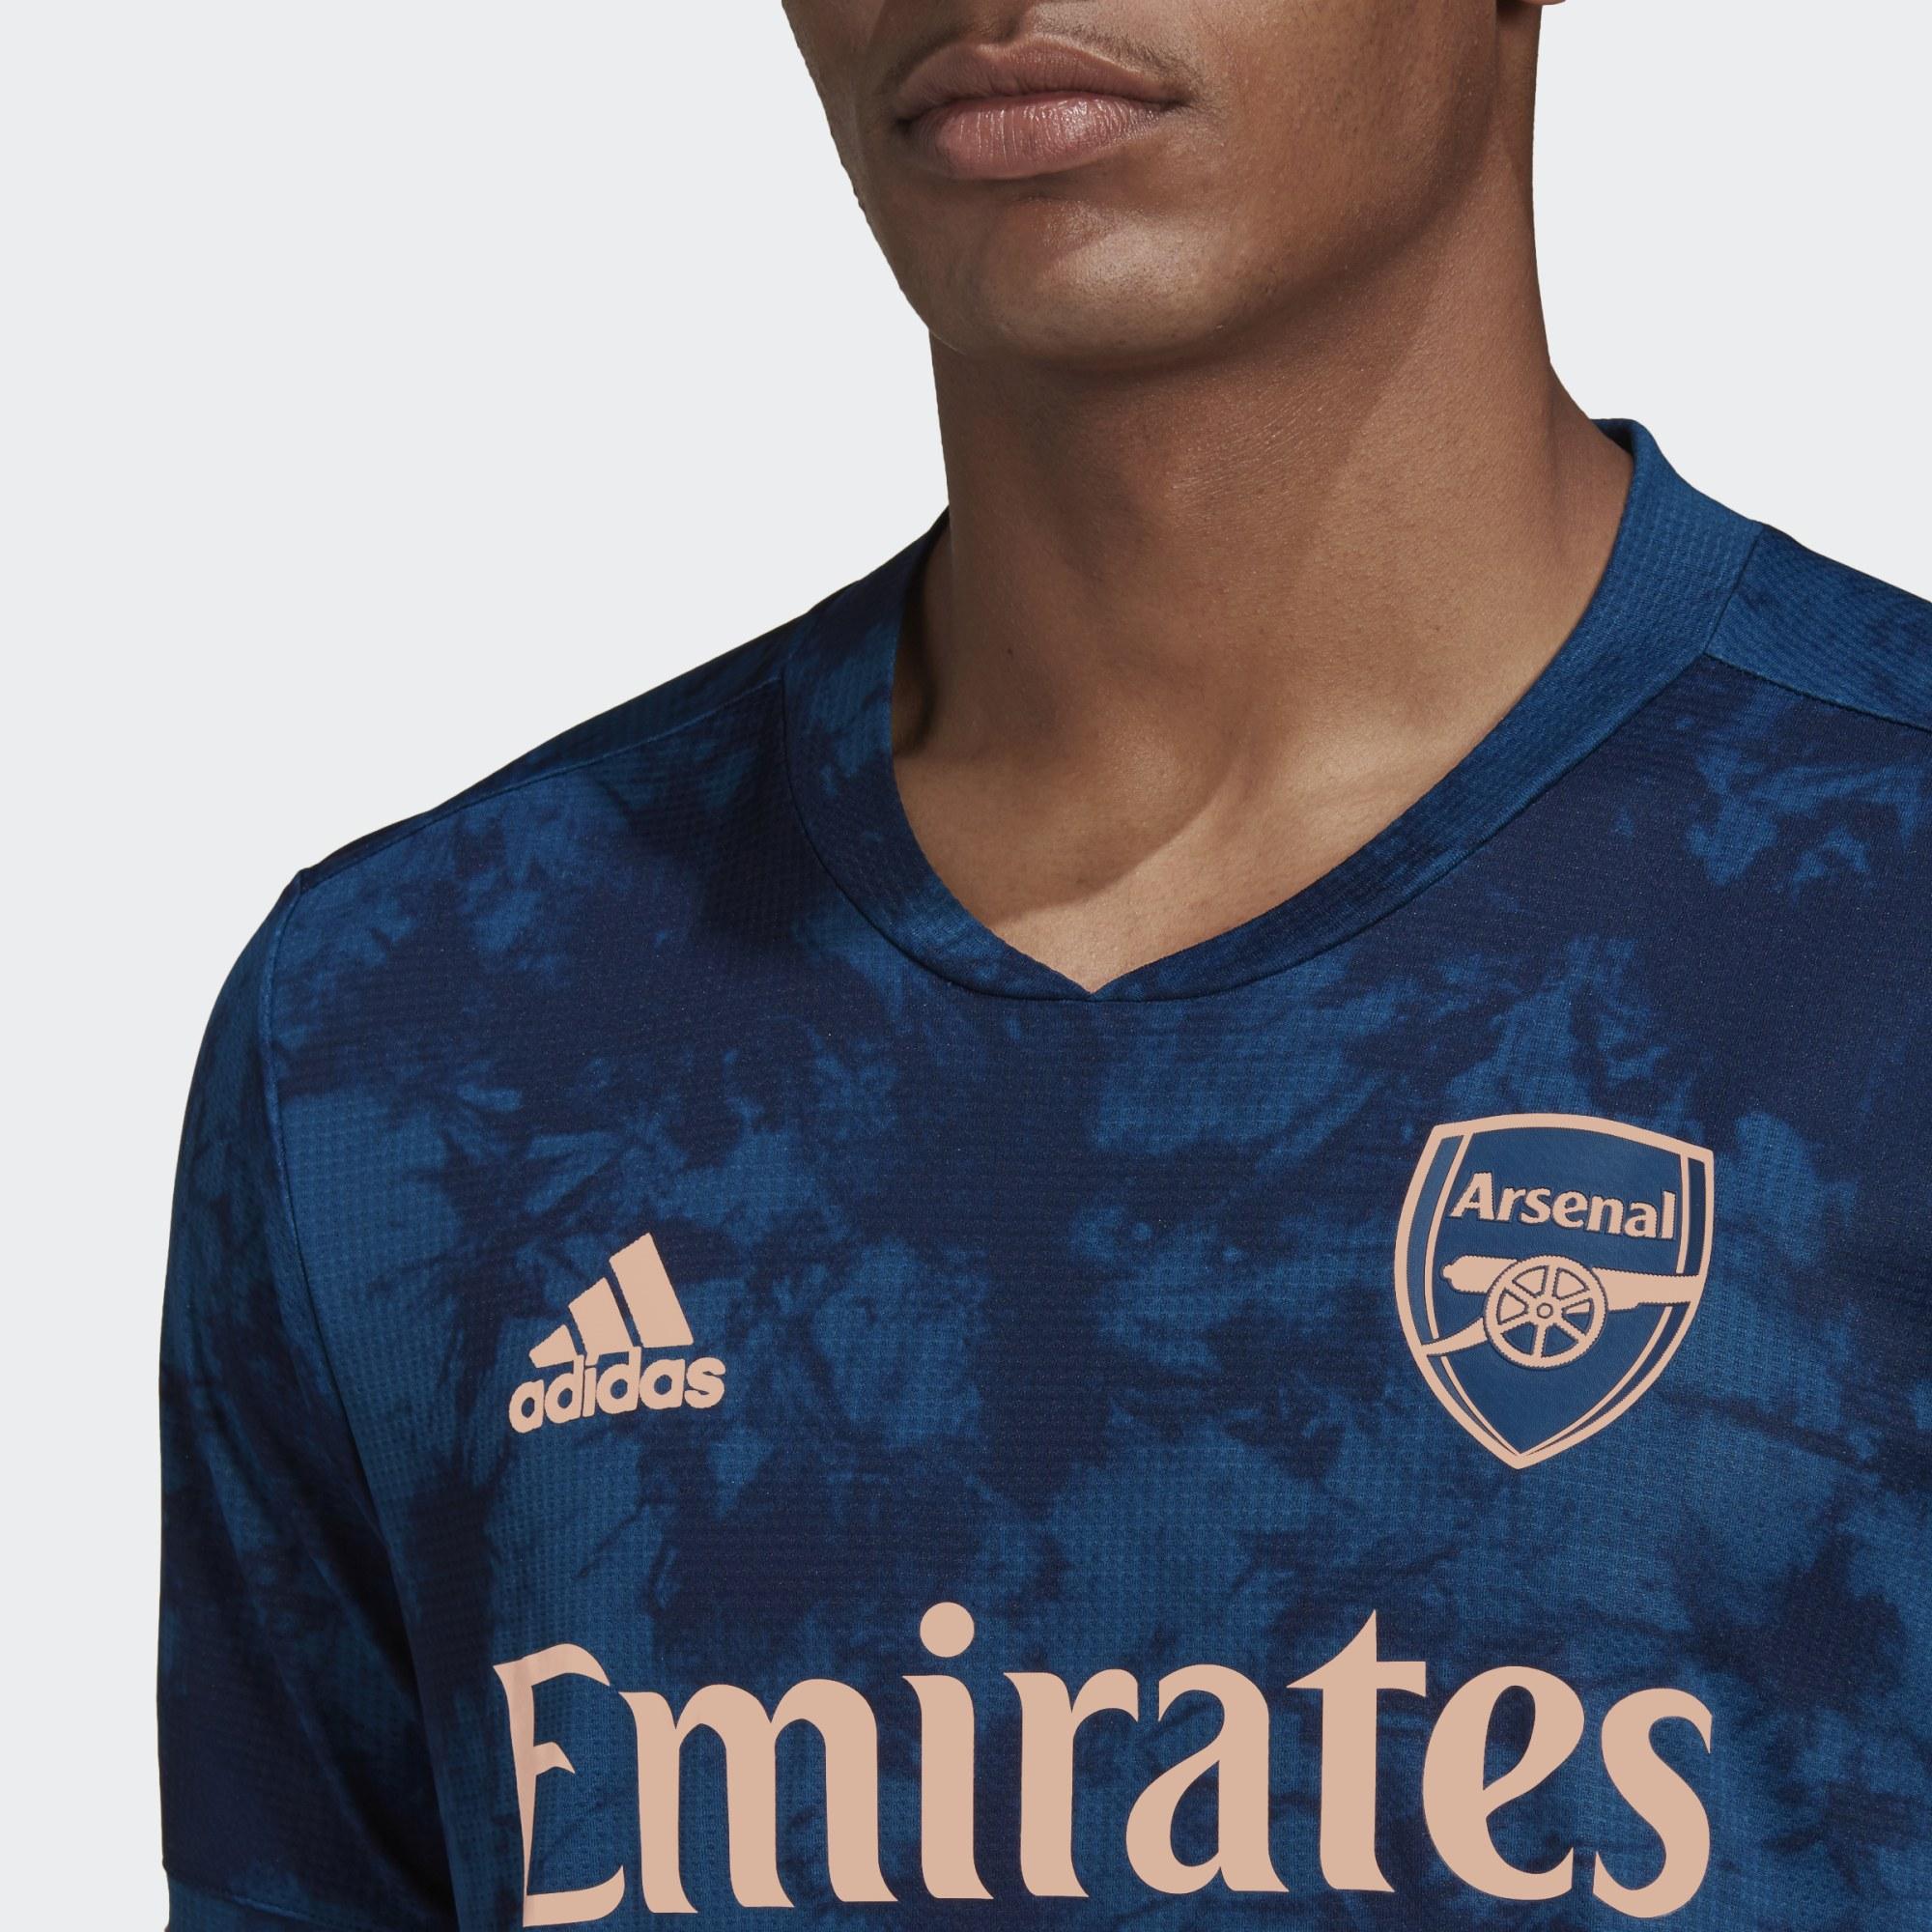 Arsenal 2020 21 Adidas Third Kit 20 21 Kits Football Shirt Blog